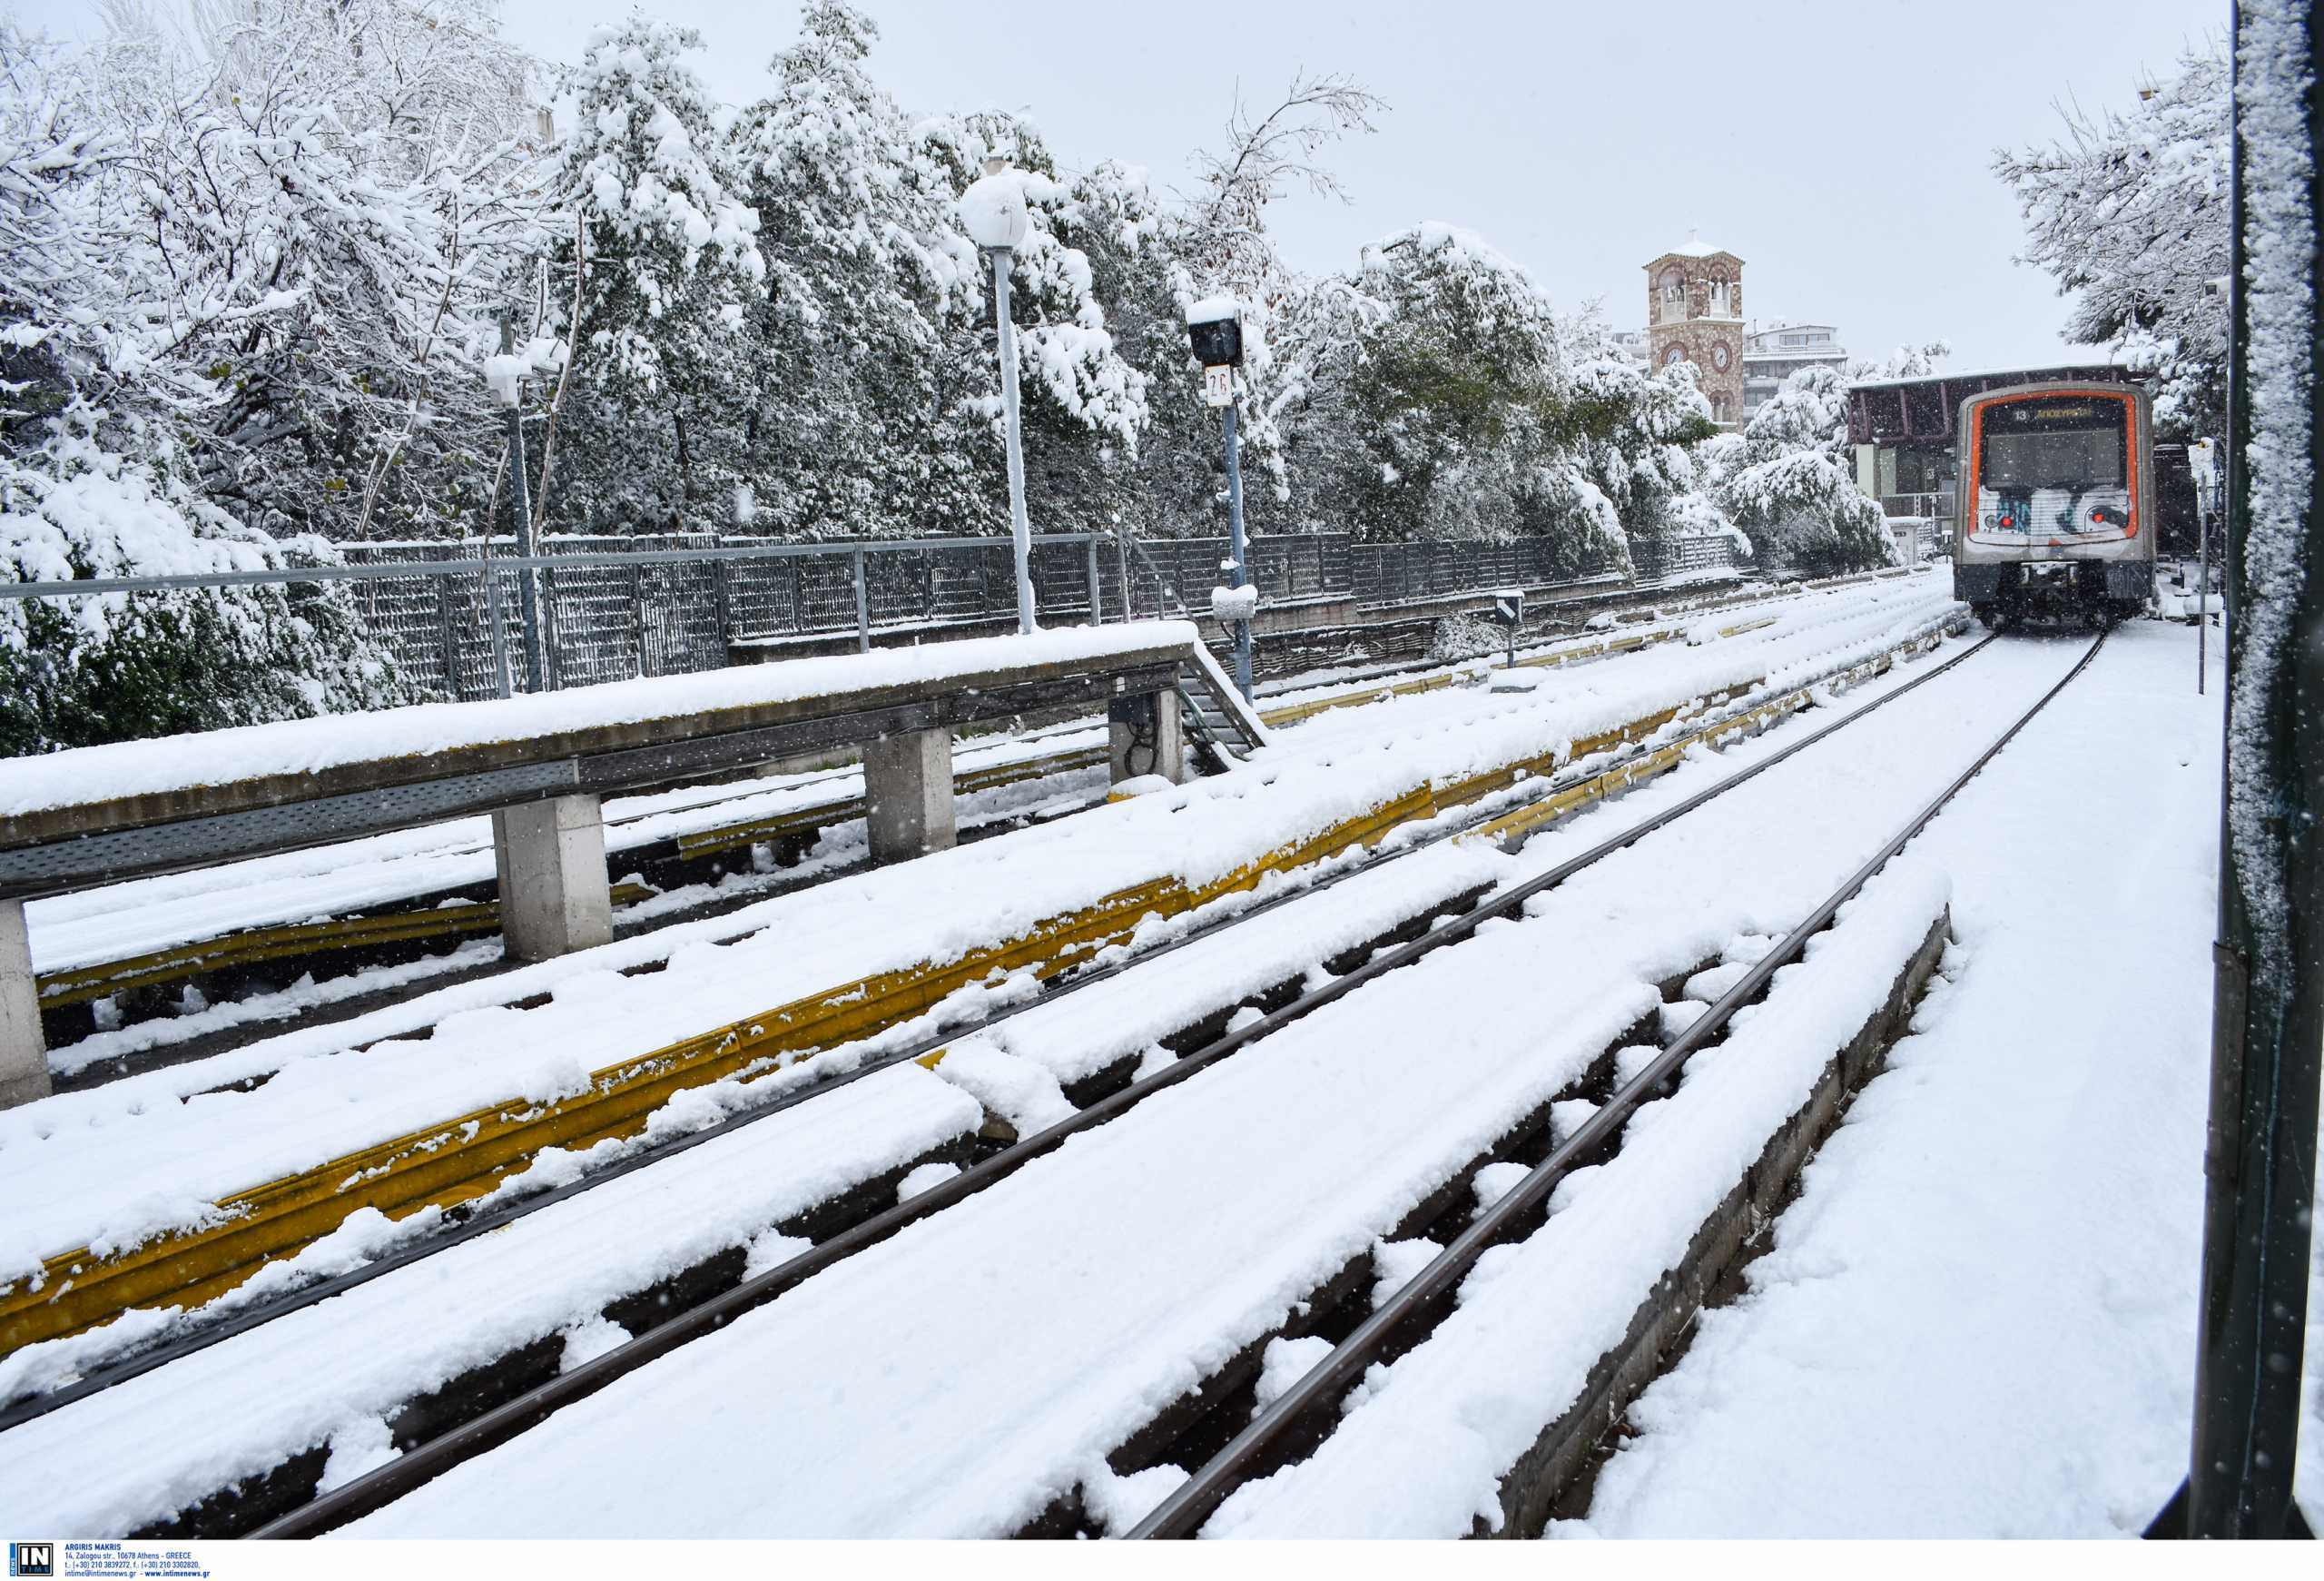 Καιρός – Κακοκαιρία Μήδεια: Εκτός λειτουργίας τμήμα της Γραμμής 1 του Μετρό